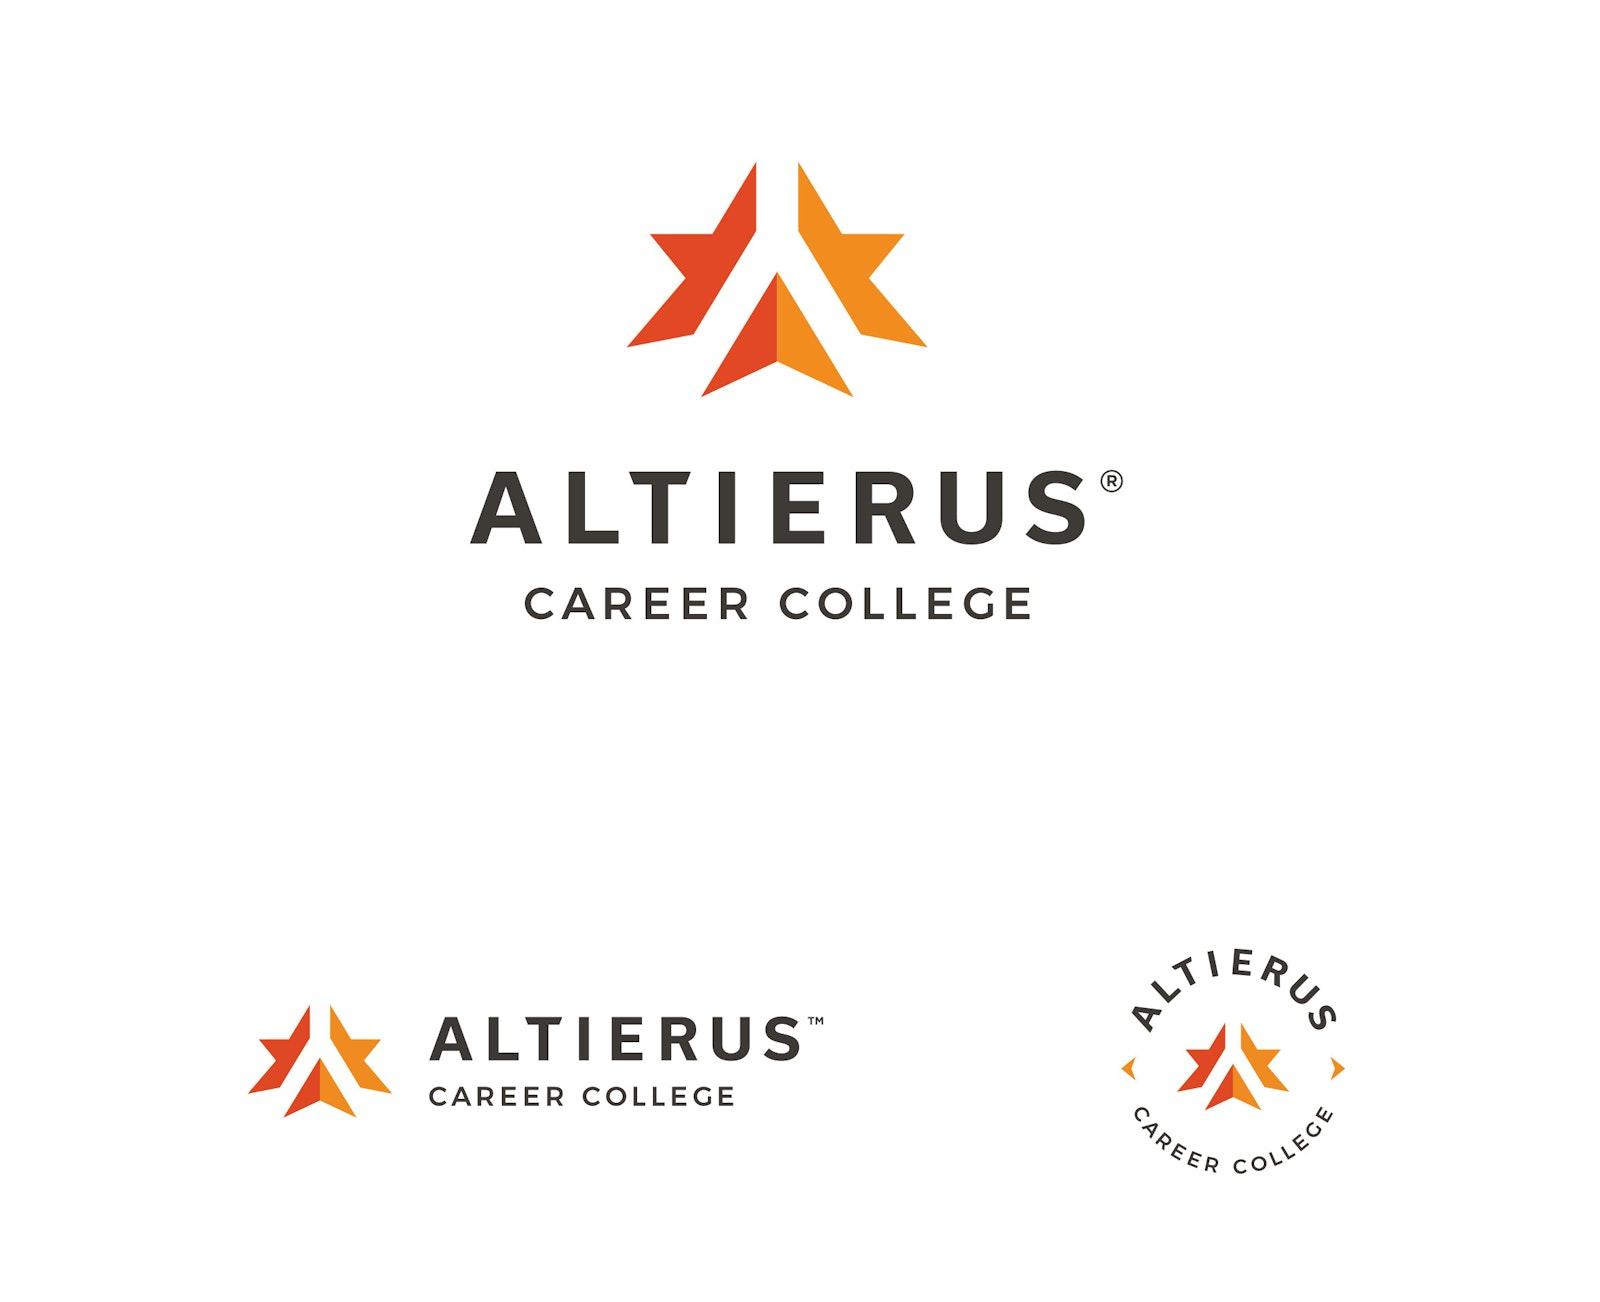 Altierus Logos A